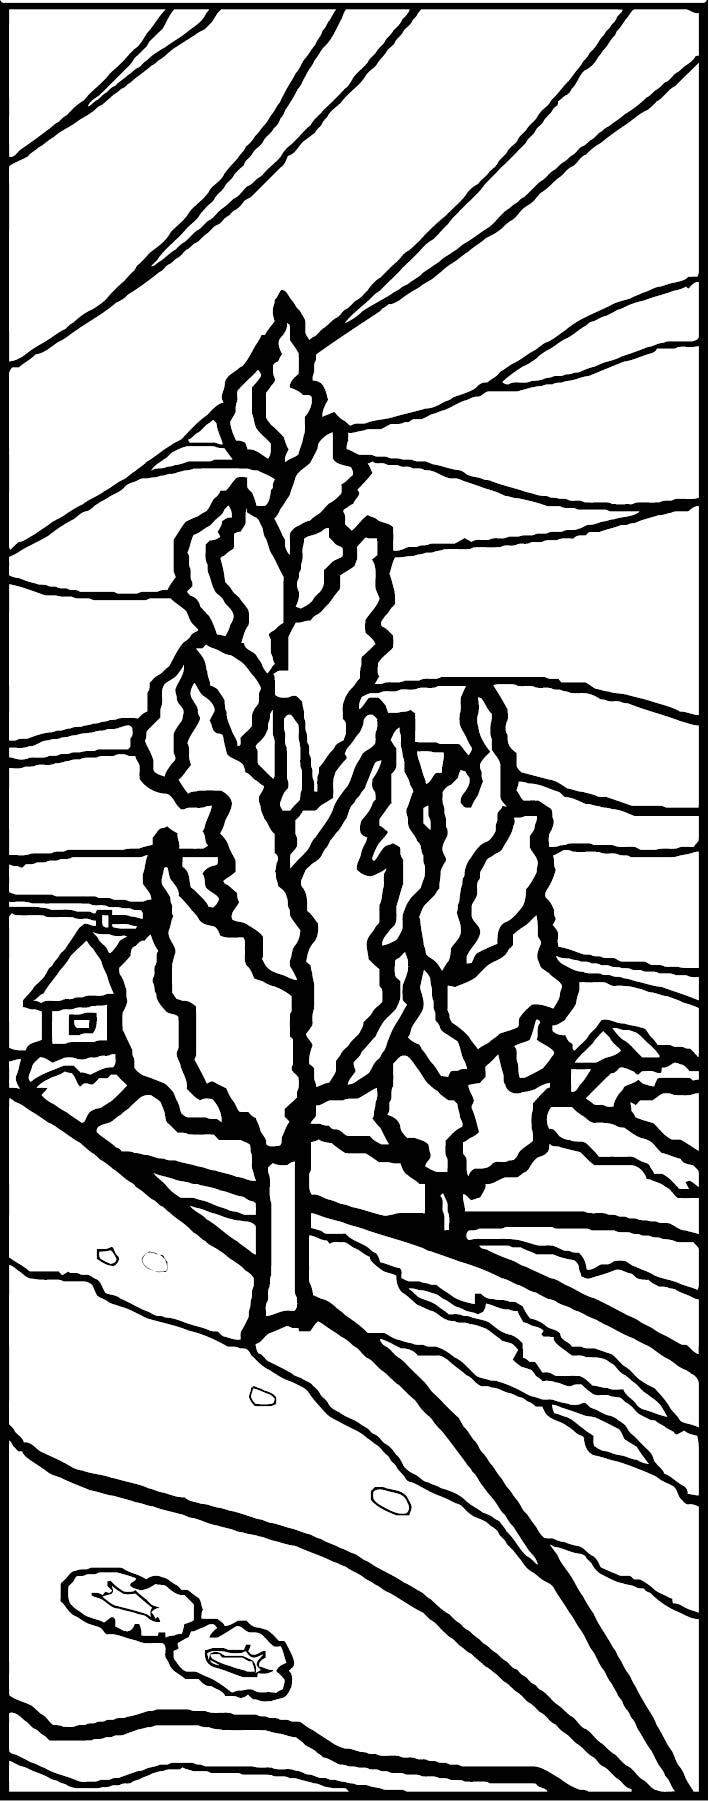 Artnature Landscape Coloring Page 6